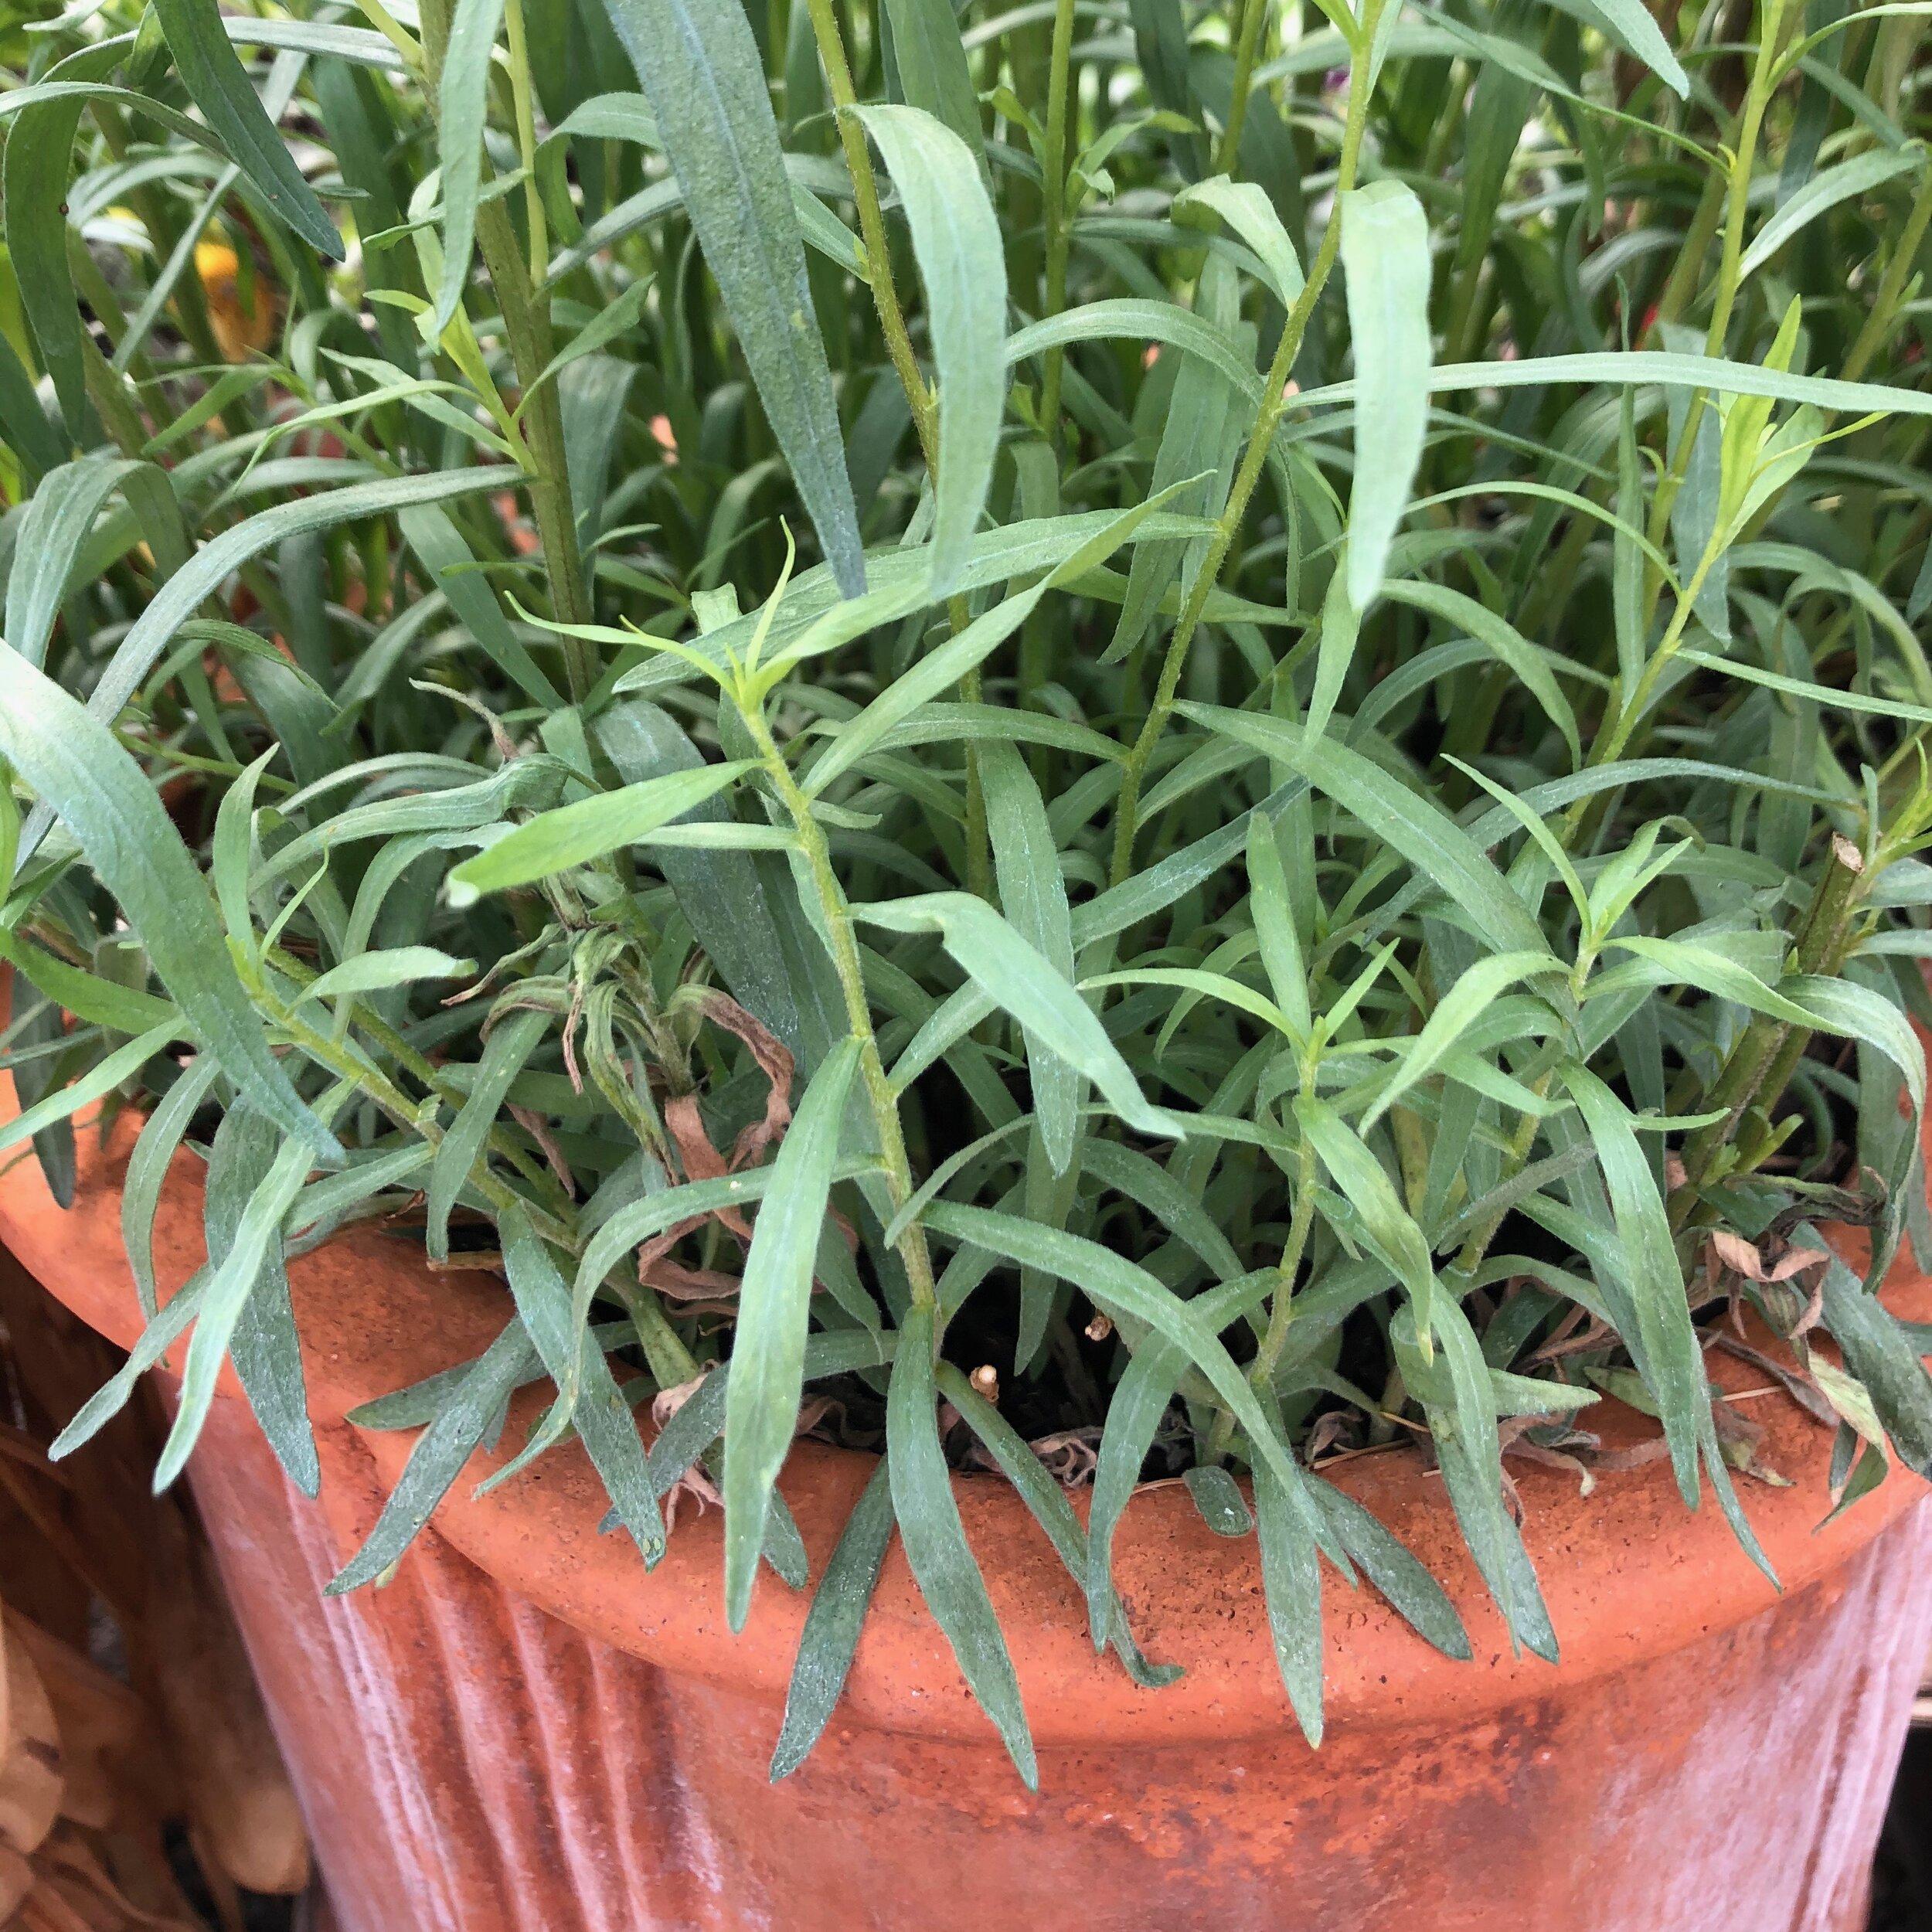 Tarragon - Artemisia dracunculus var. sativa 'French'